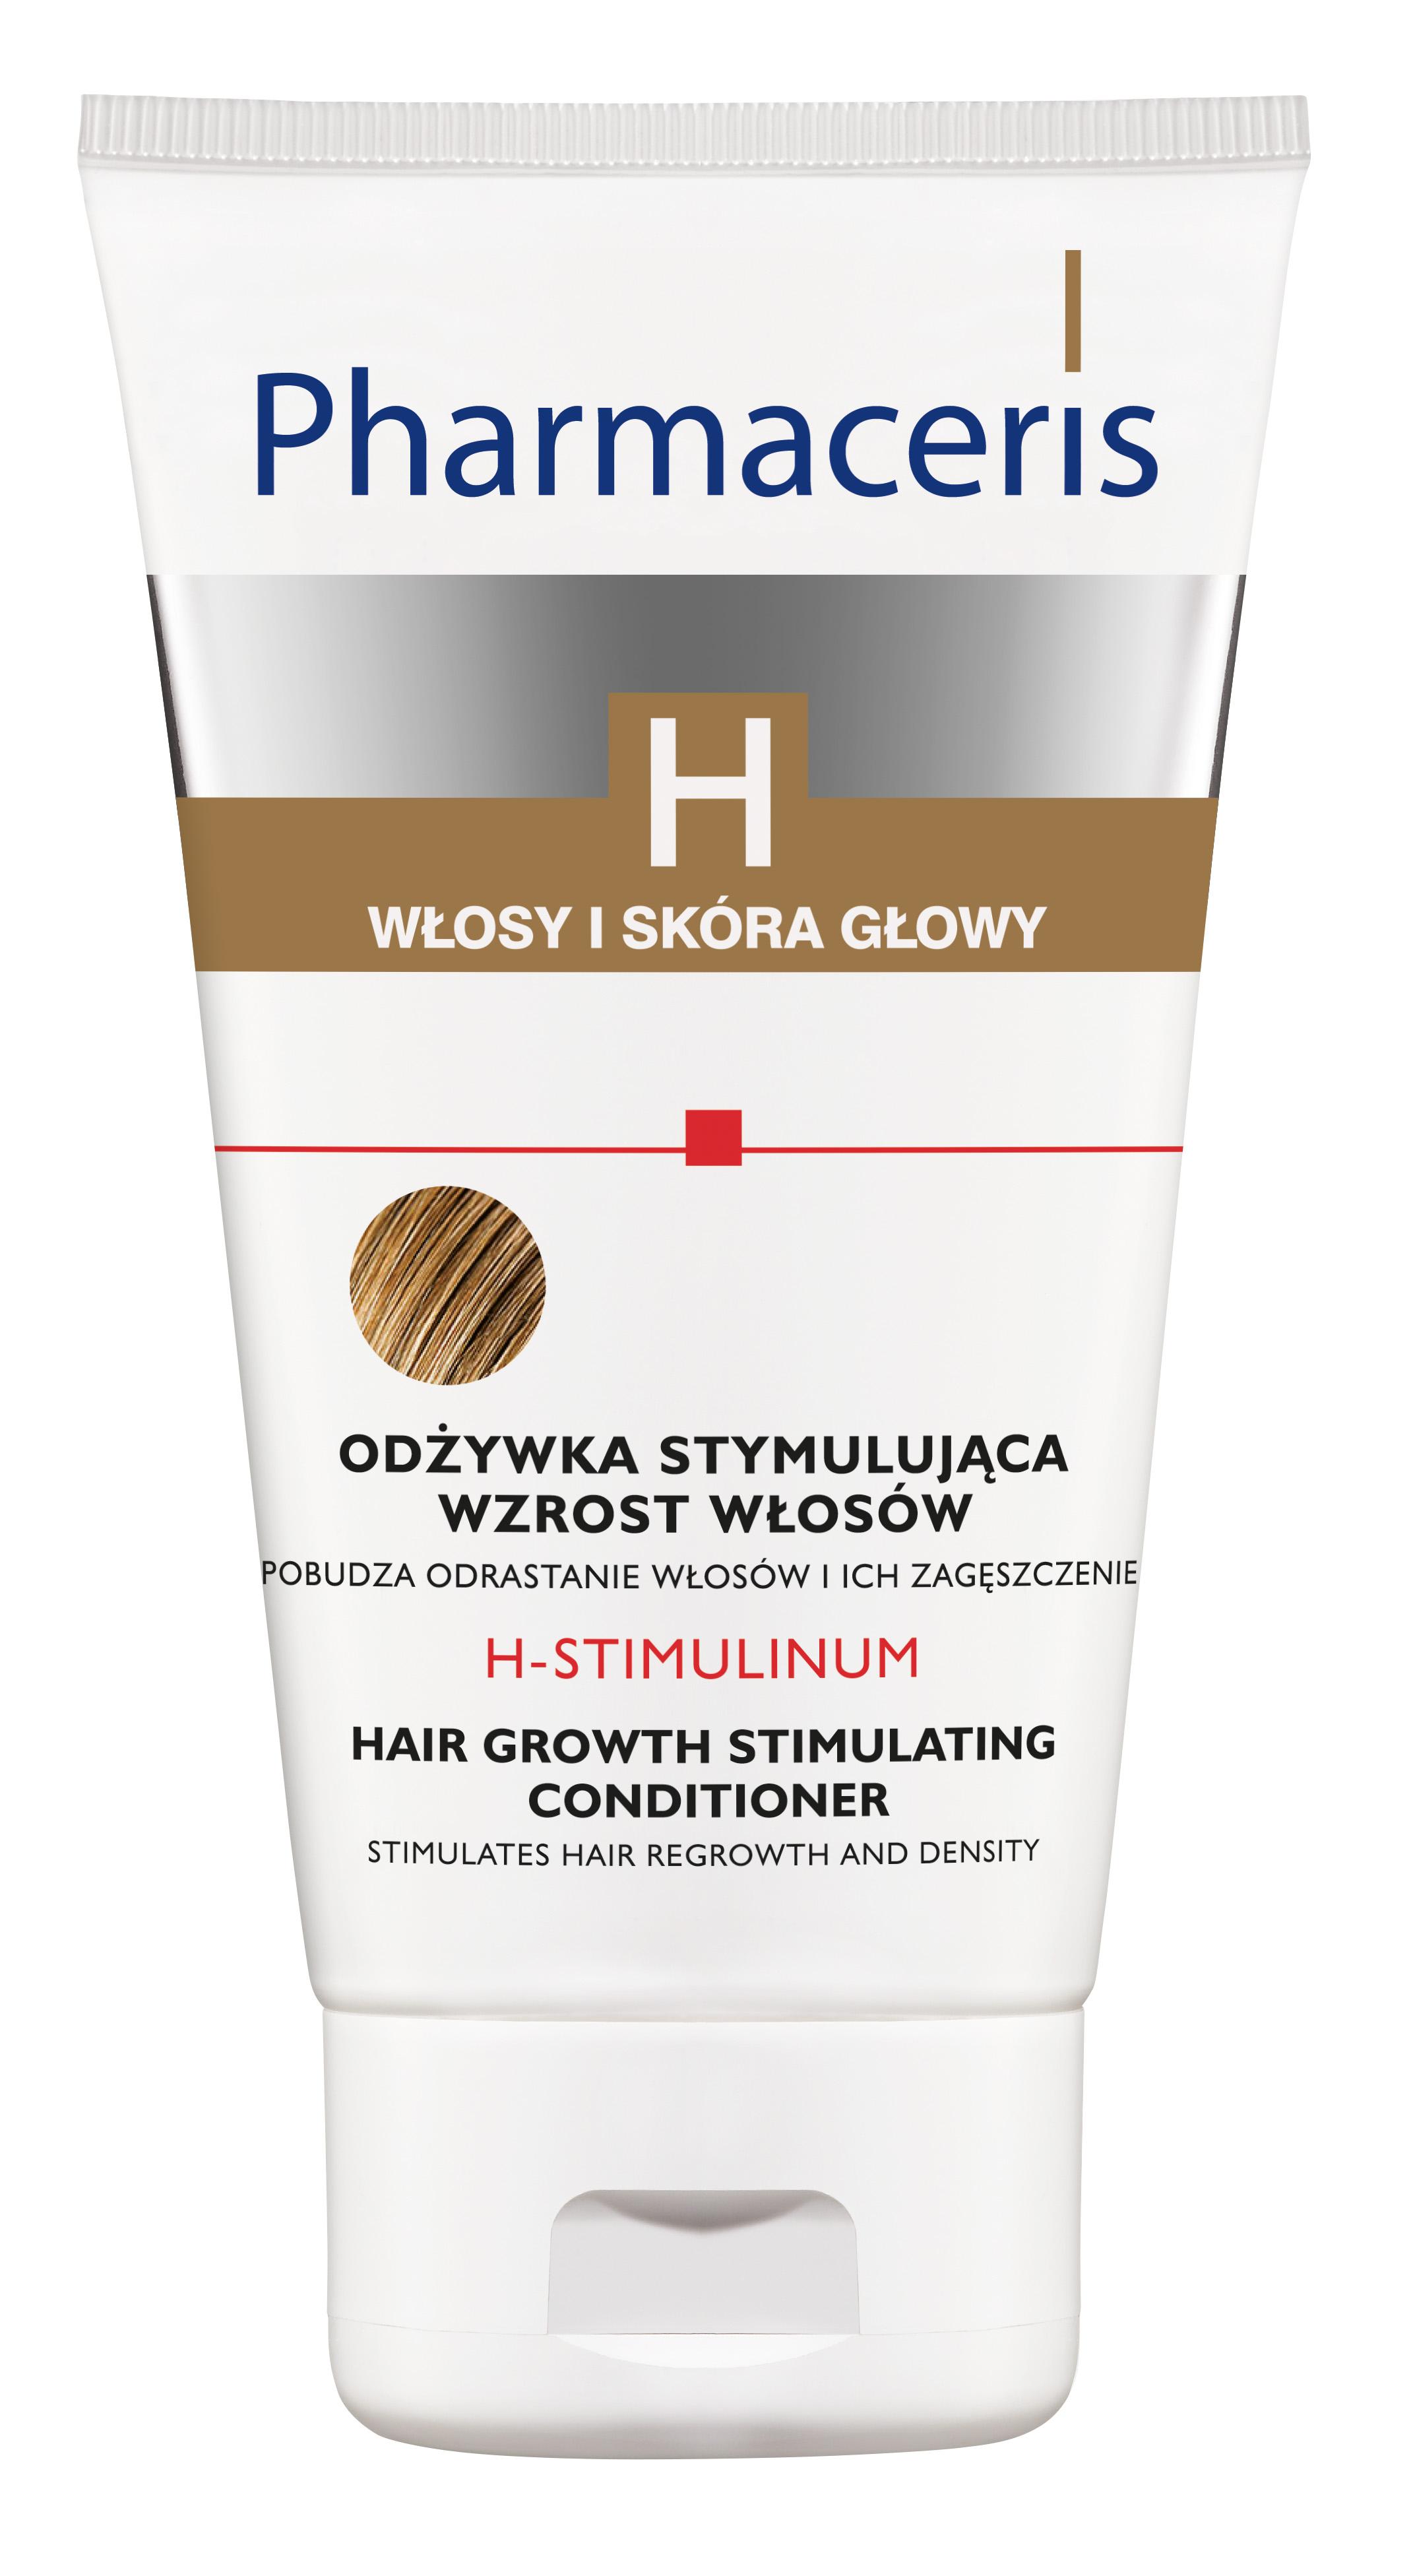 H-STIMULINUM Odżywkę stymulującą wzrost włosów